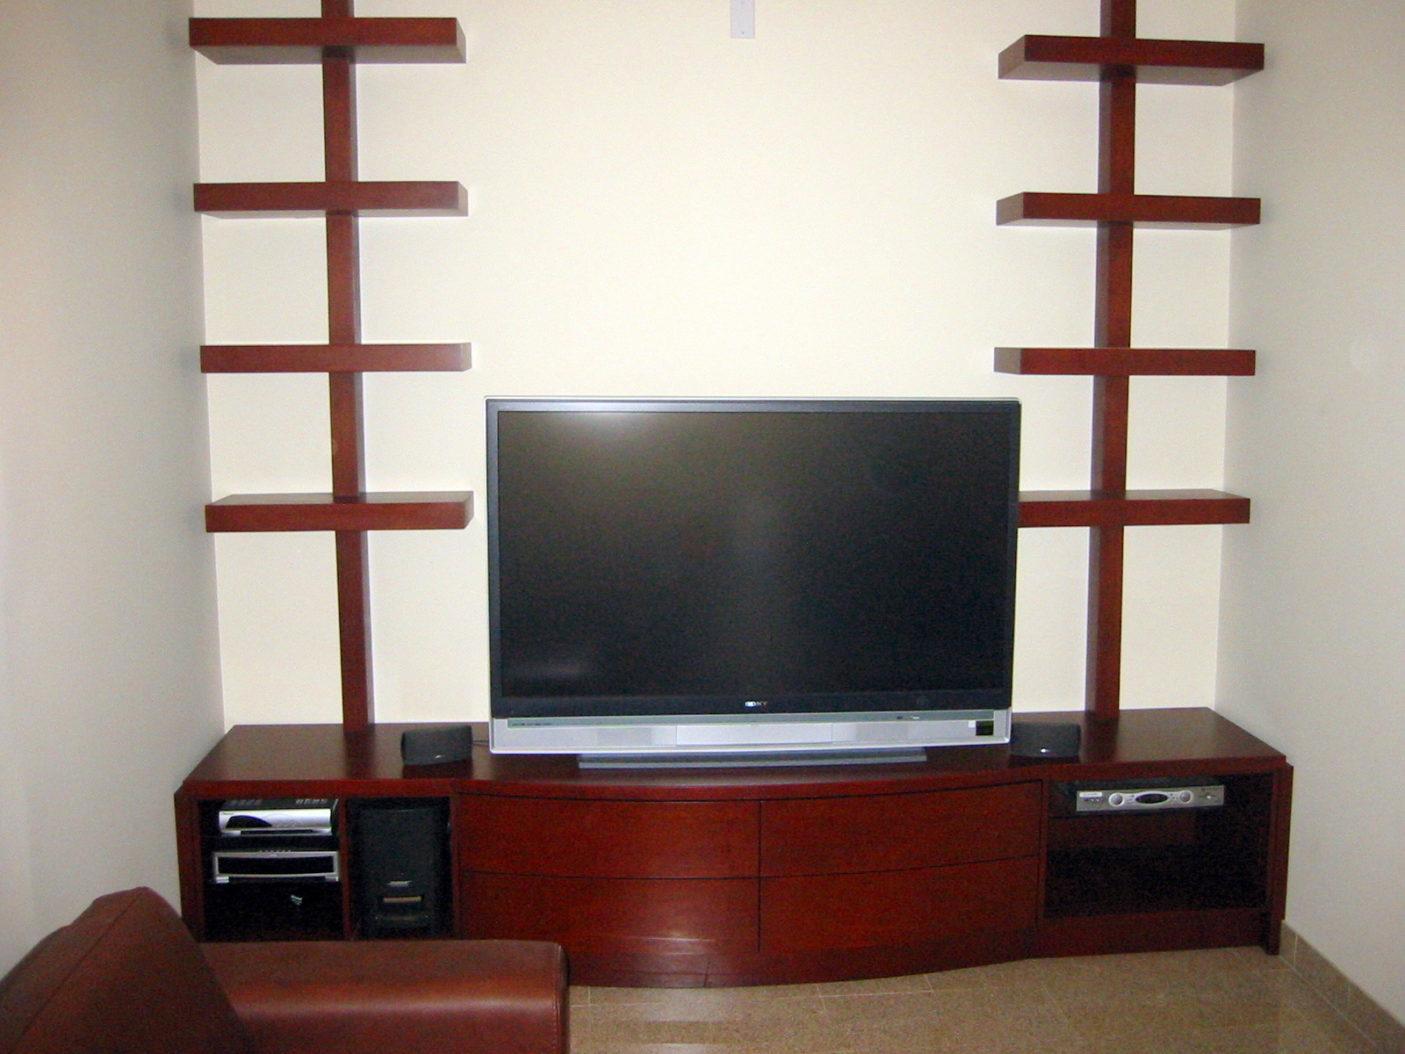 TvCabinet-34.jpg